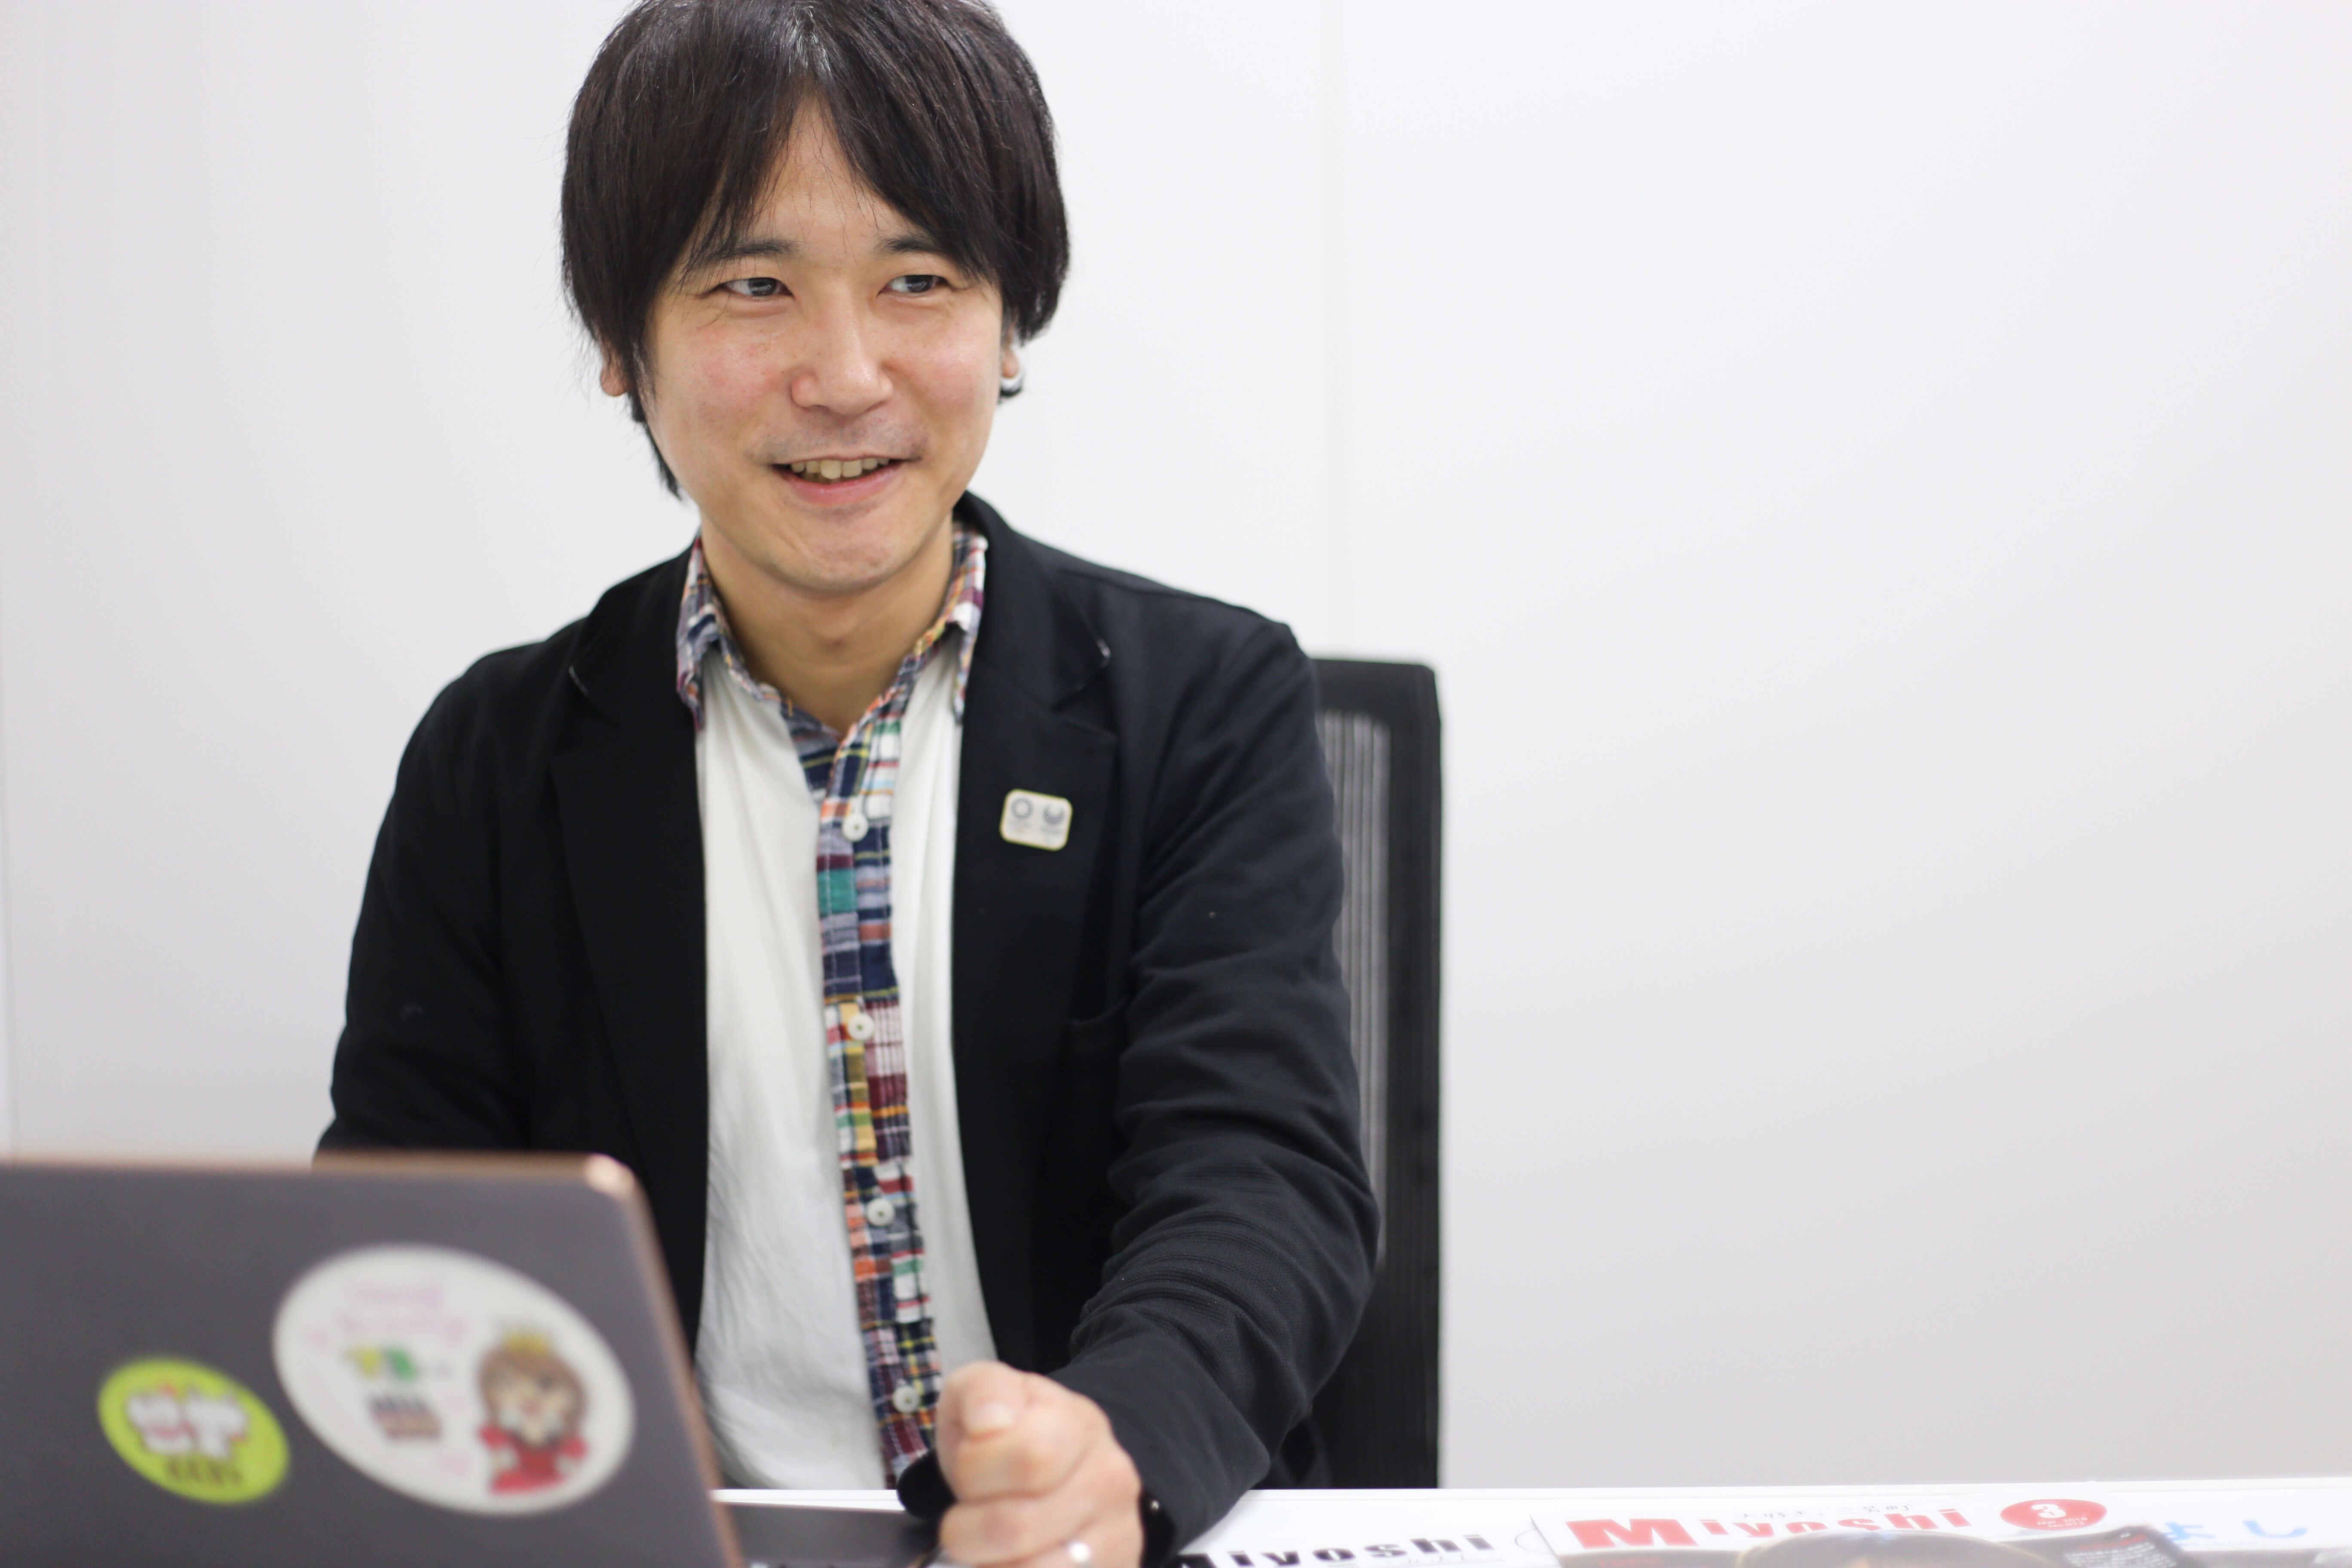 佐久間 智之(Tomoyuki Sakuma)氏